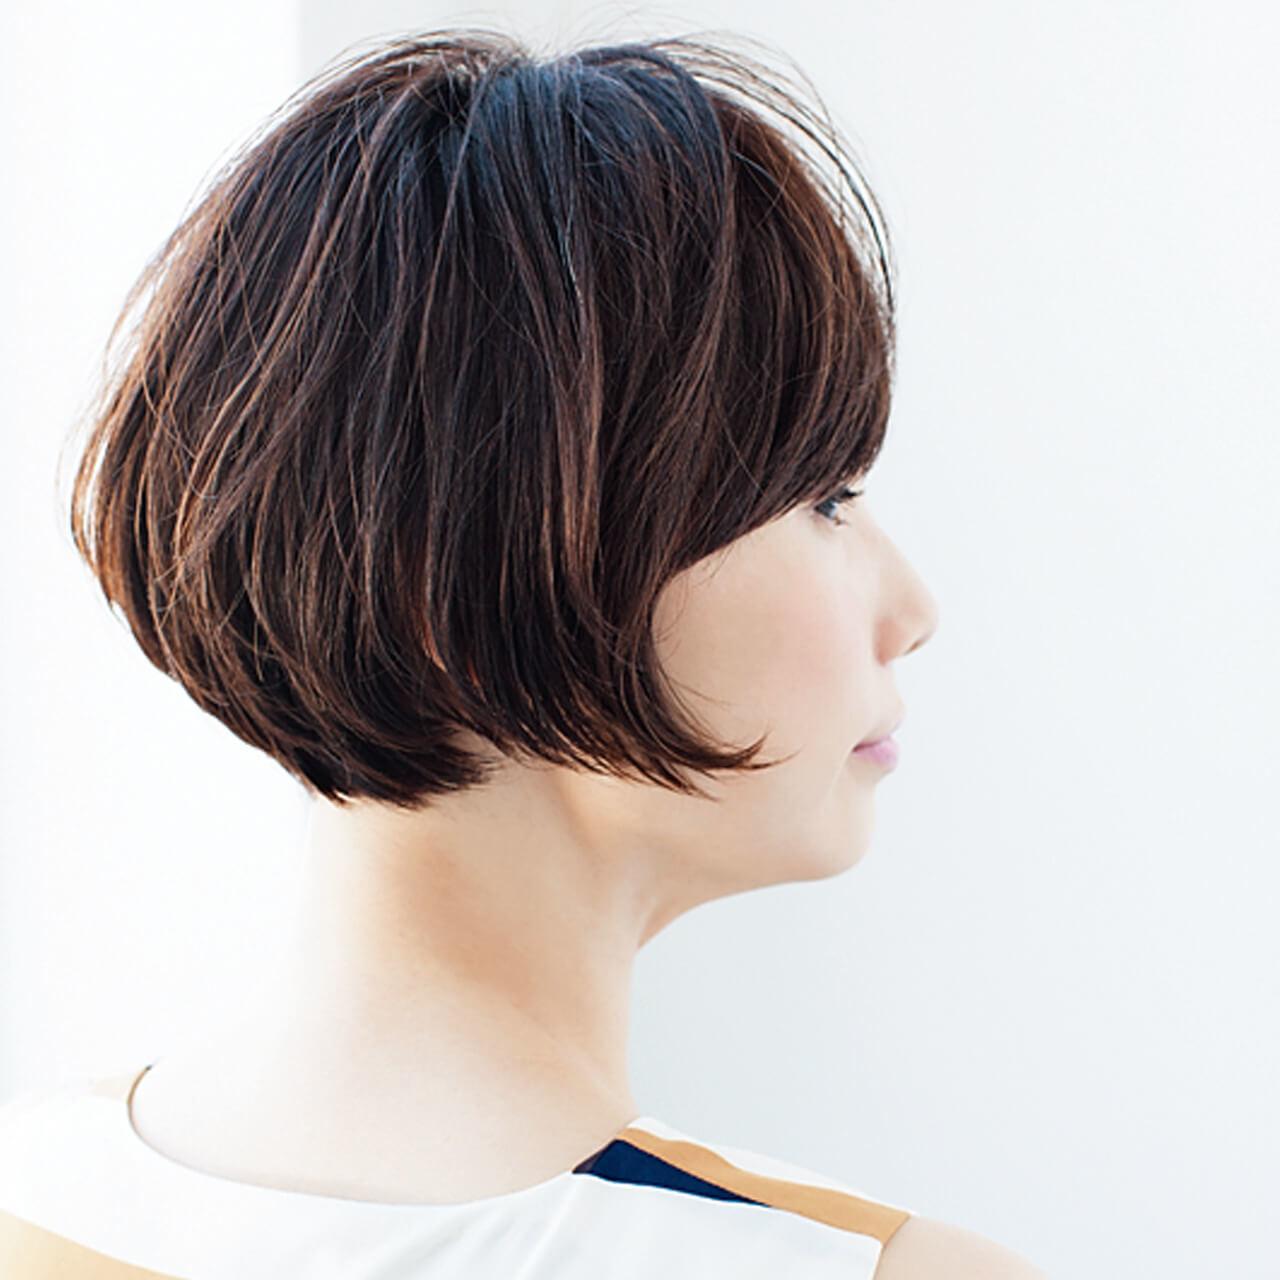 束の動きが透け感をサポート。毛量が多くても涼しげ【40代のショートヘア】_1_2